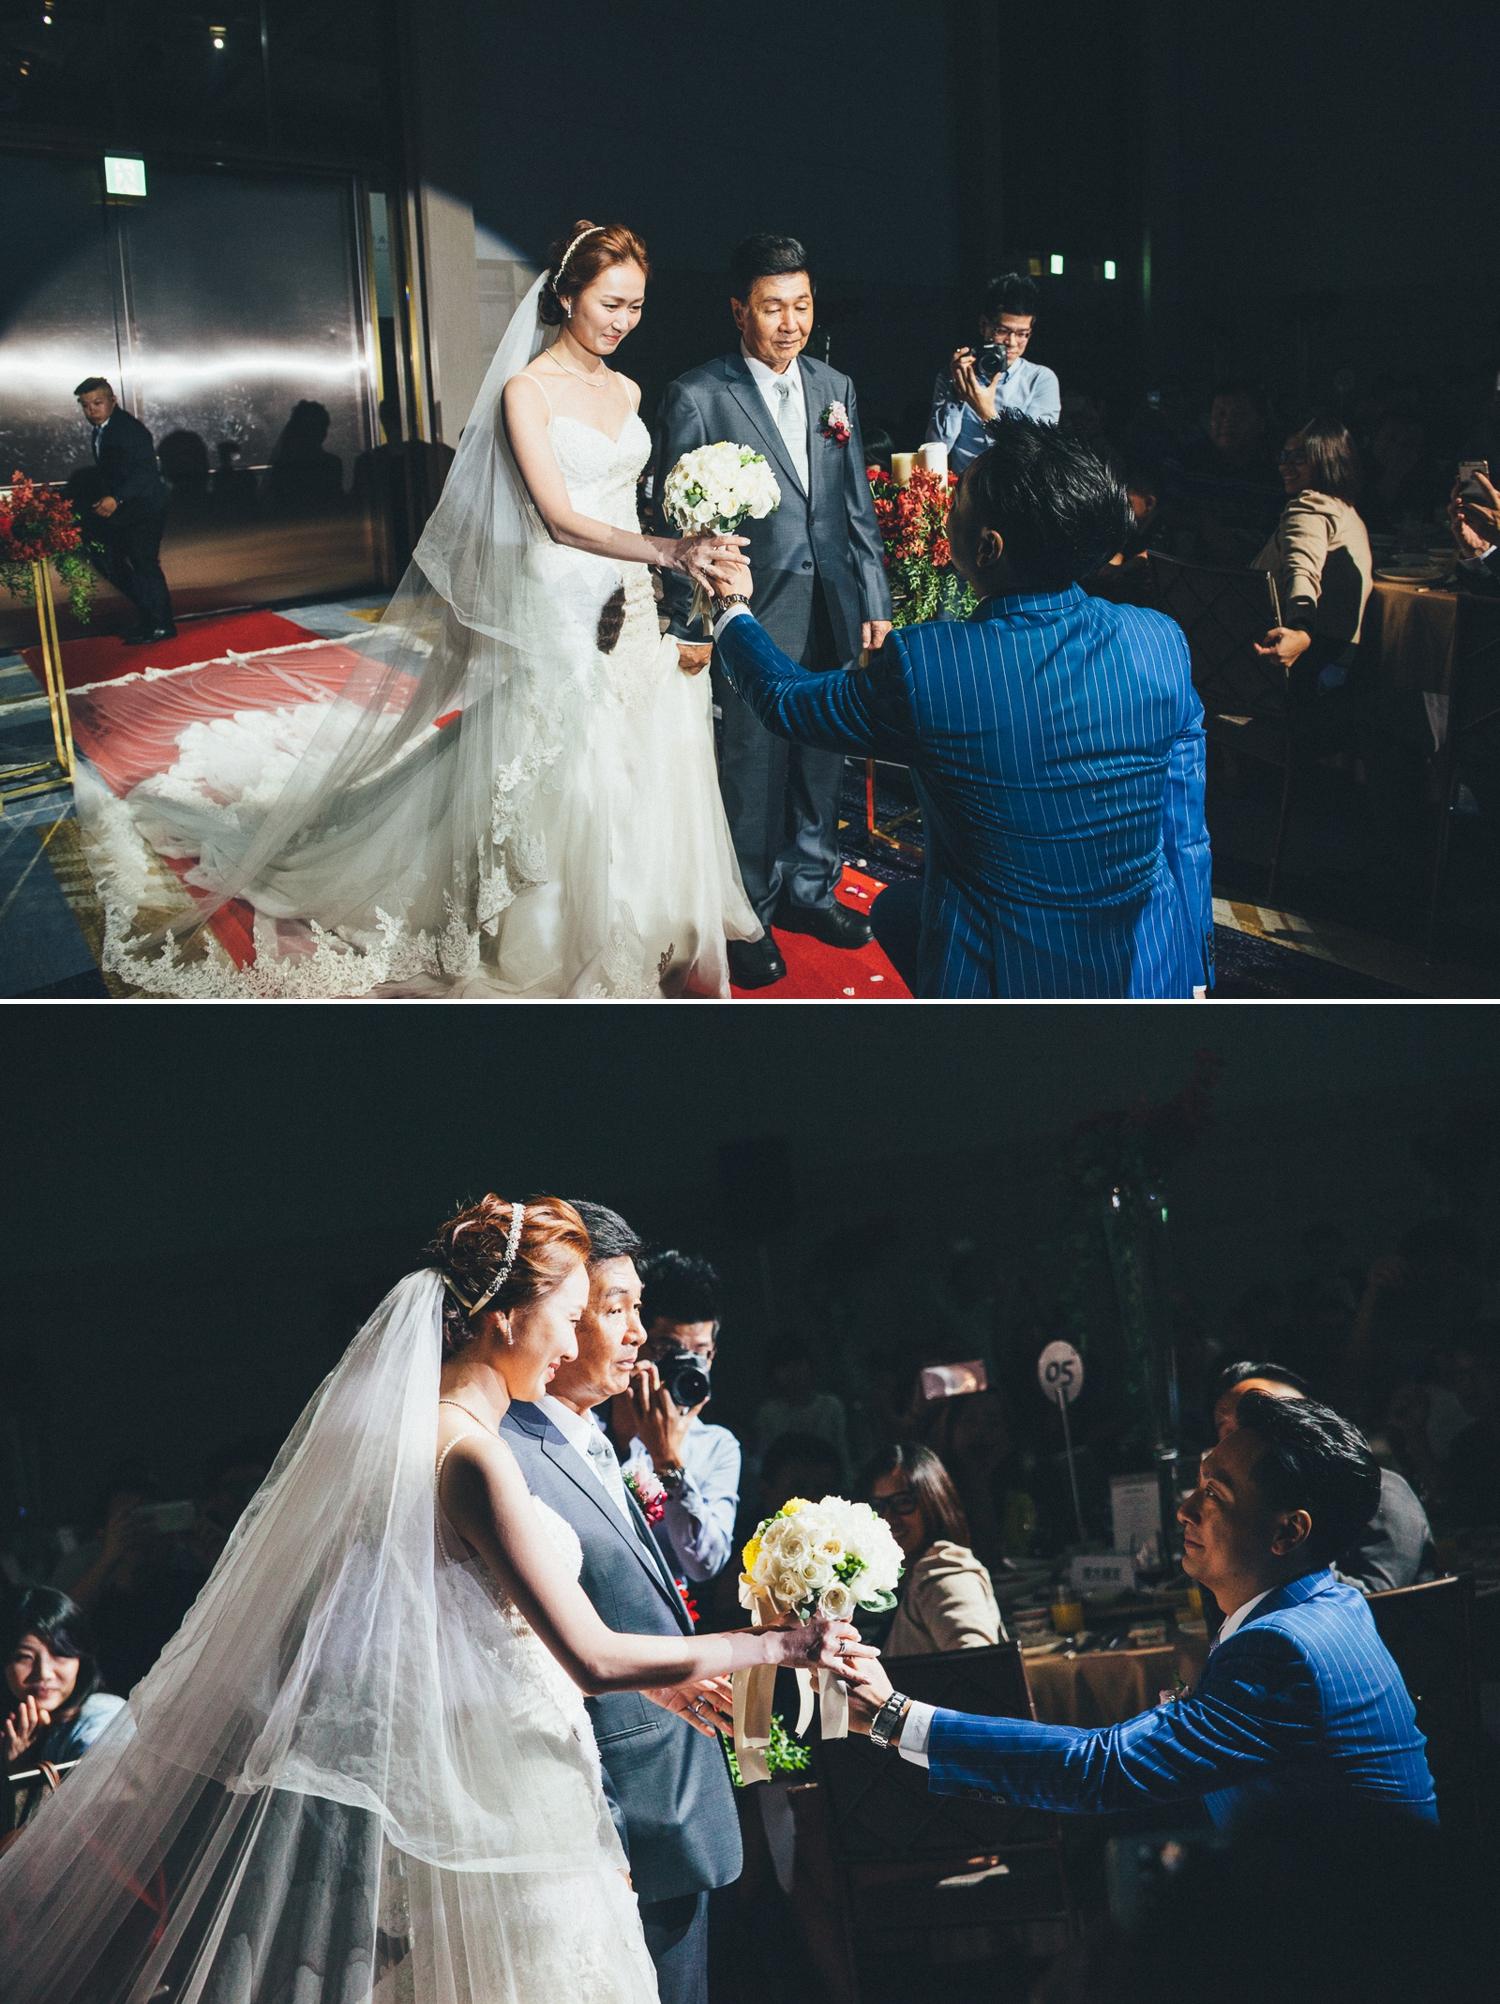 婚禮交手儀式_婚禮攝影_台北婚禮推薦